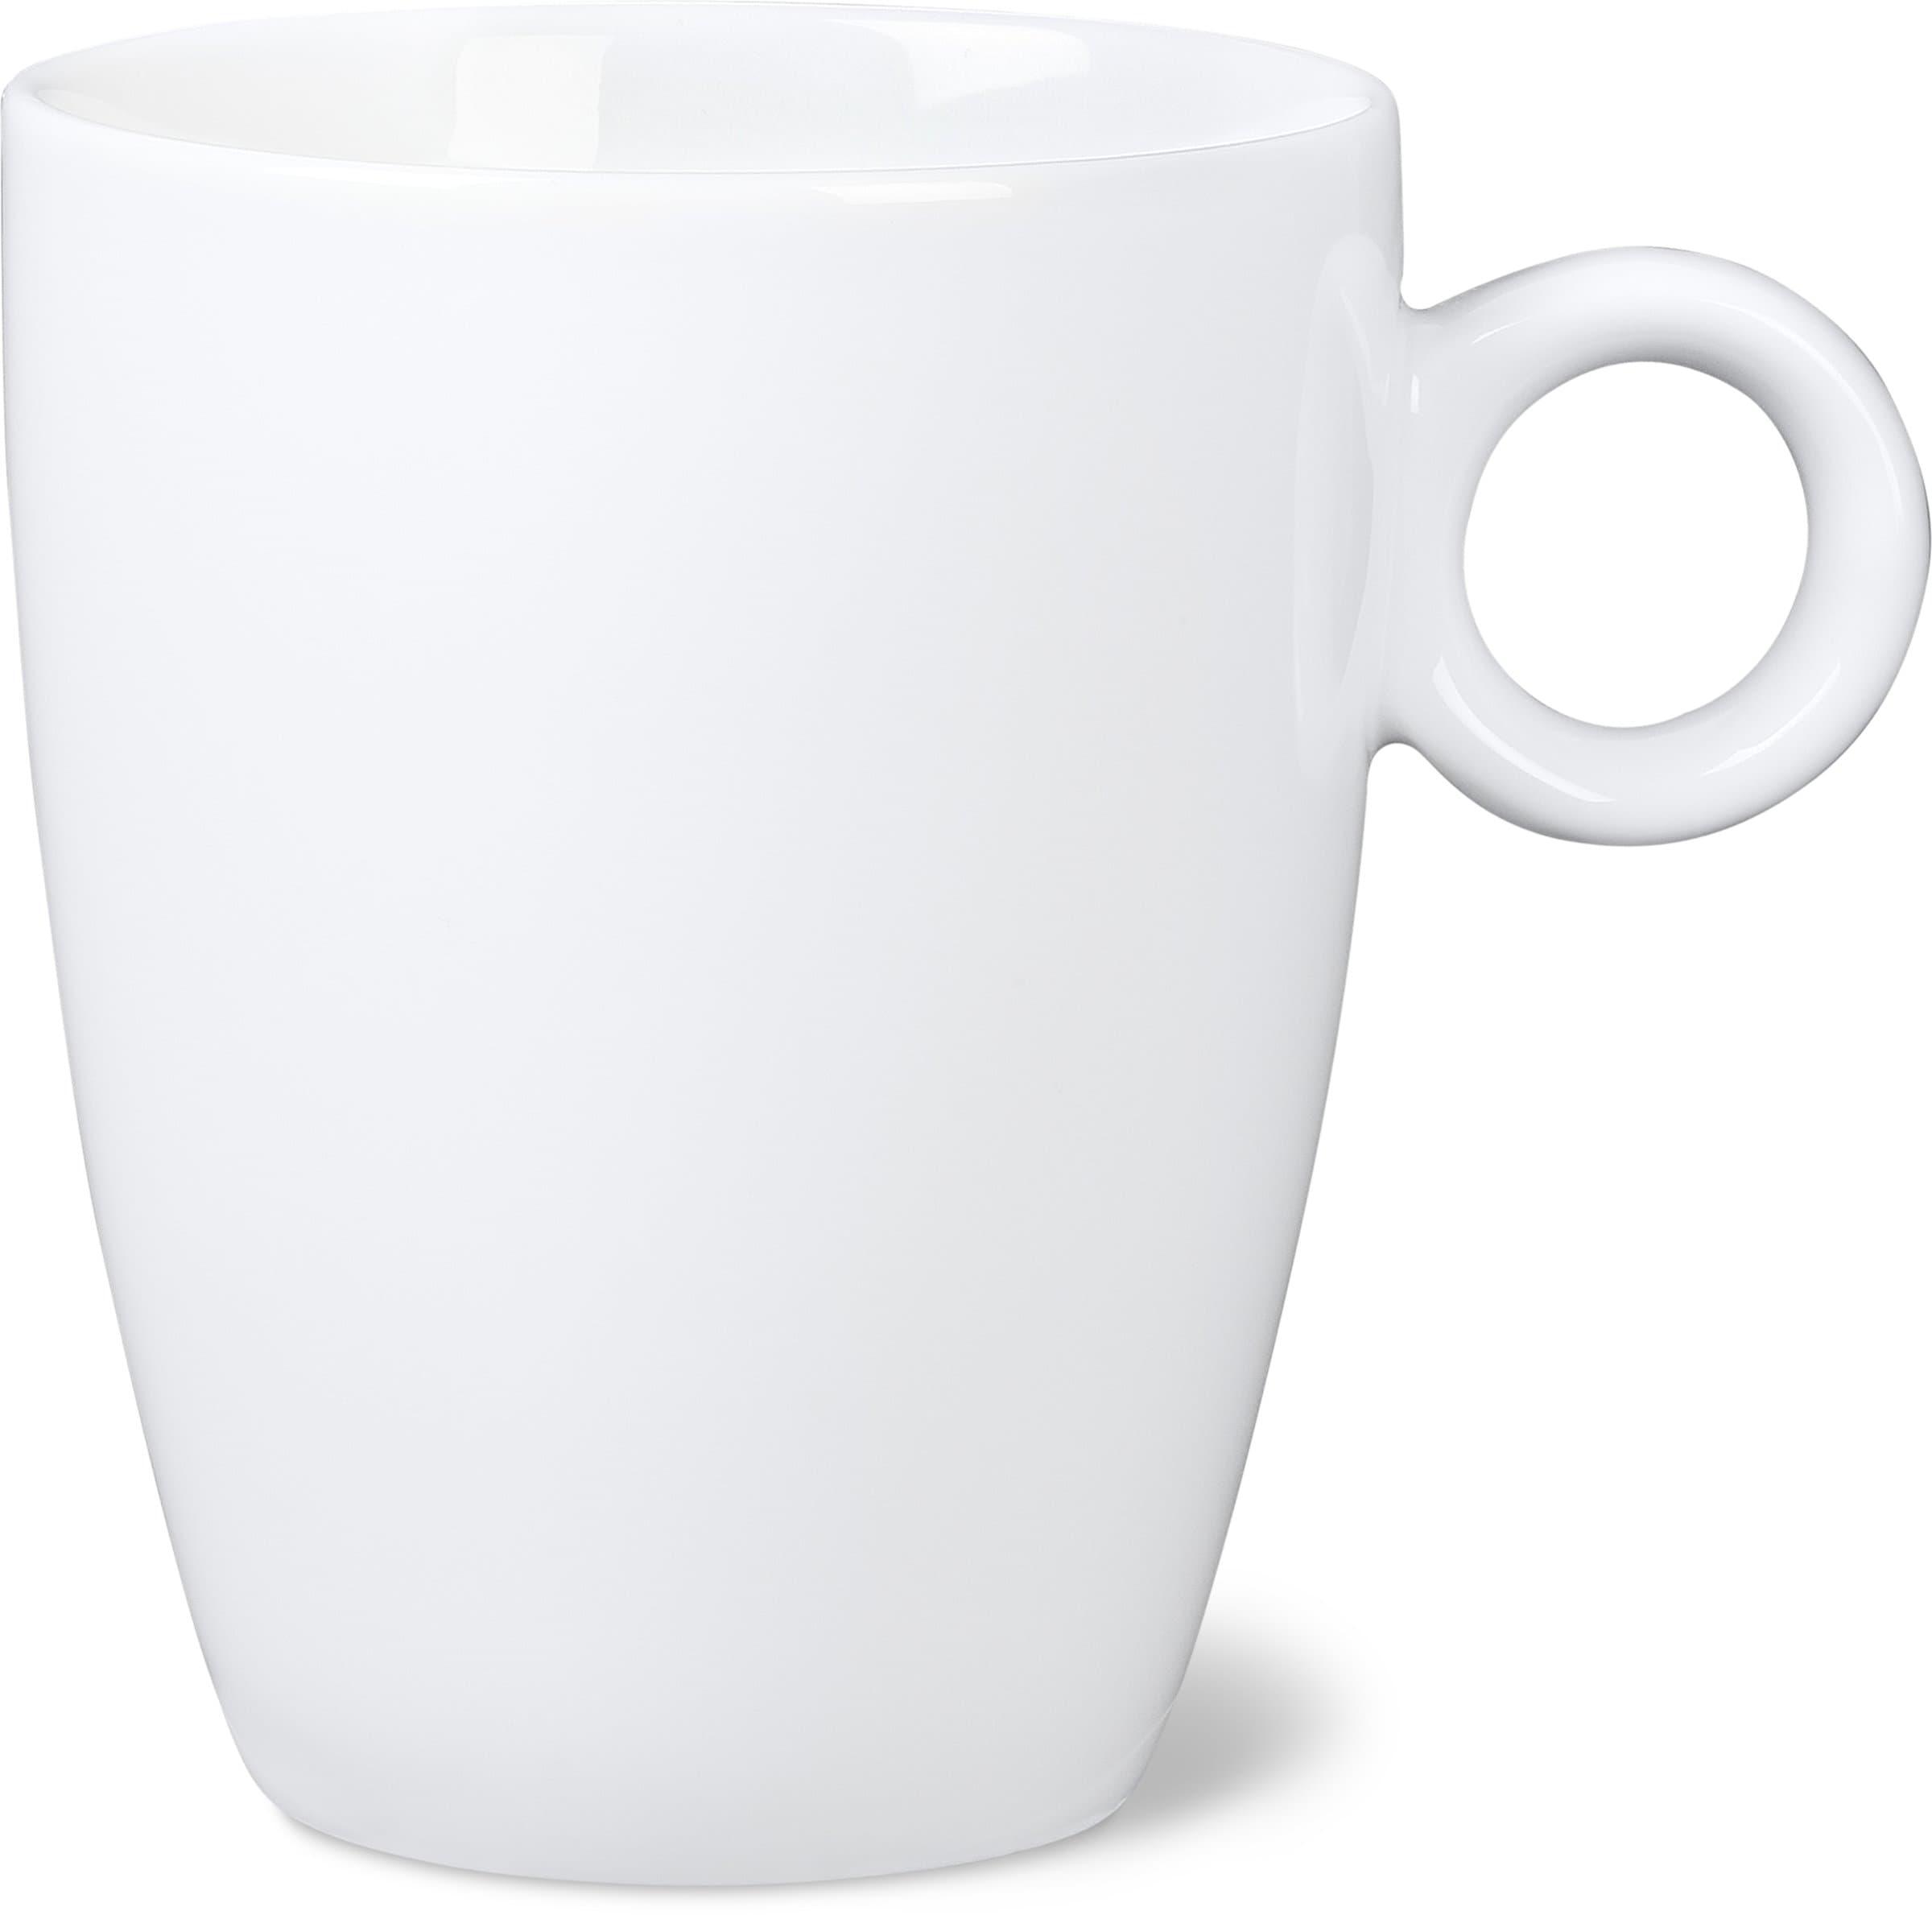 Cucina & Tavola Kaffeetasse 210ml